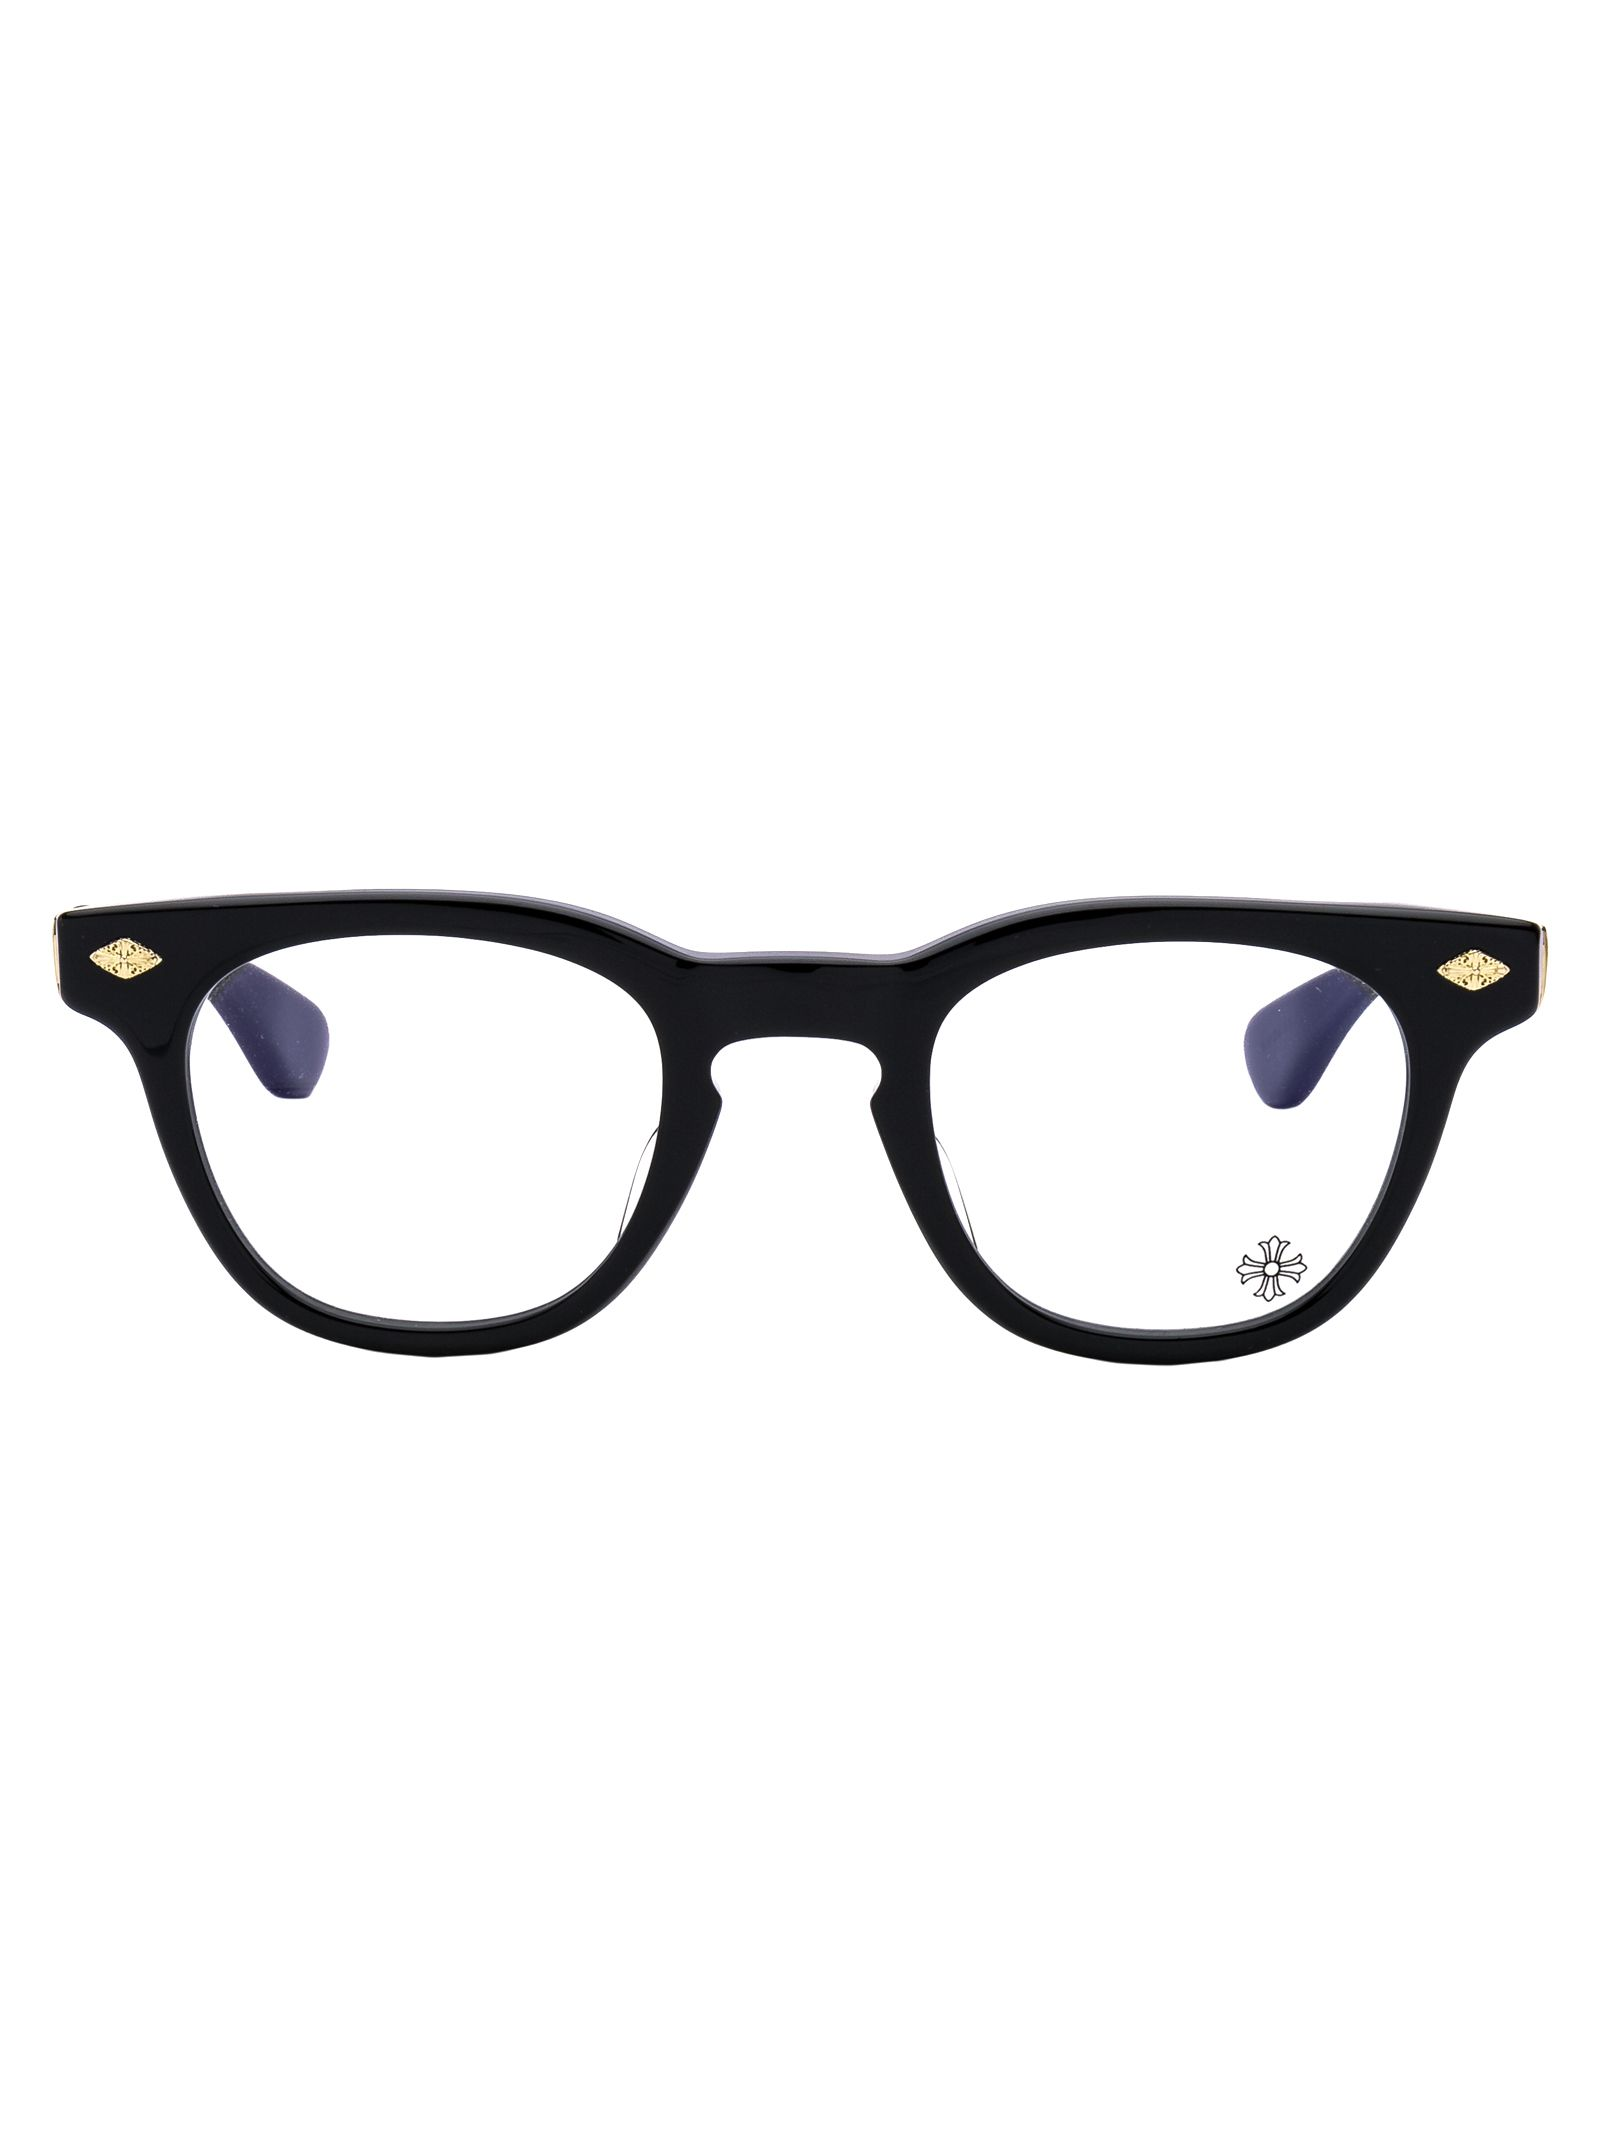 CHROME HEARTS Panty Ho Glasses in Bkgp